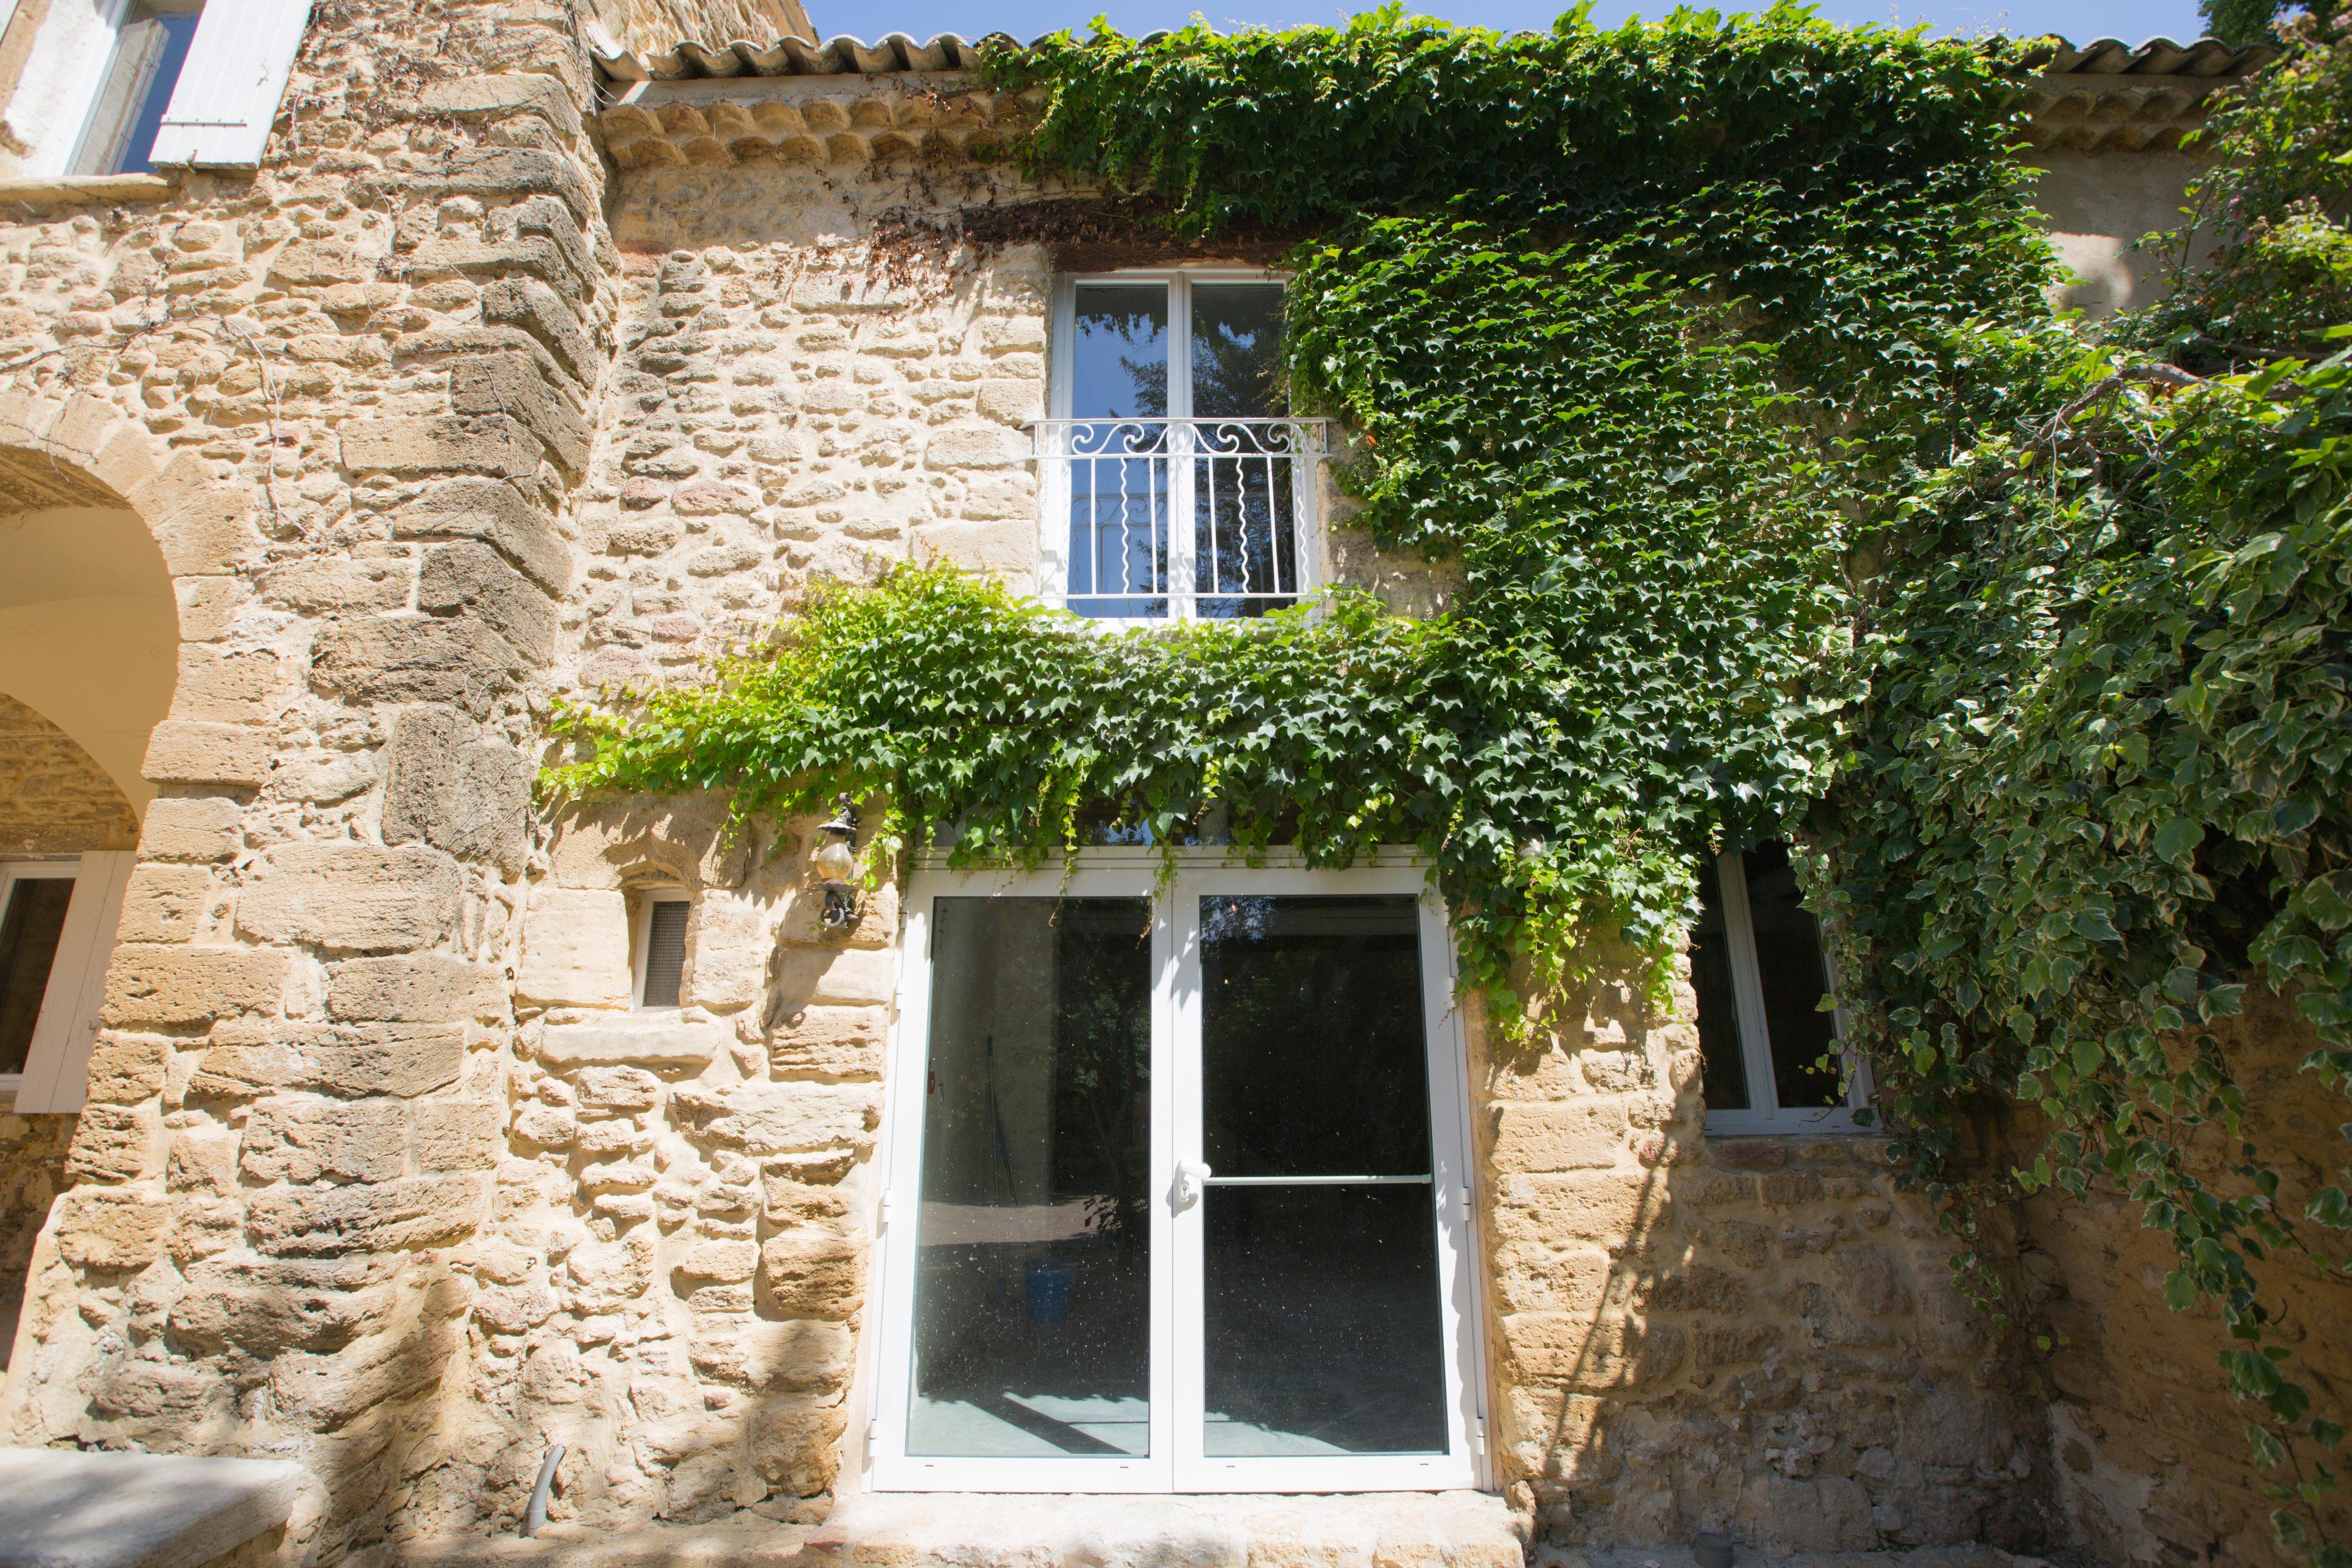 Location salle de réception Vaucluse